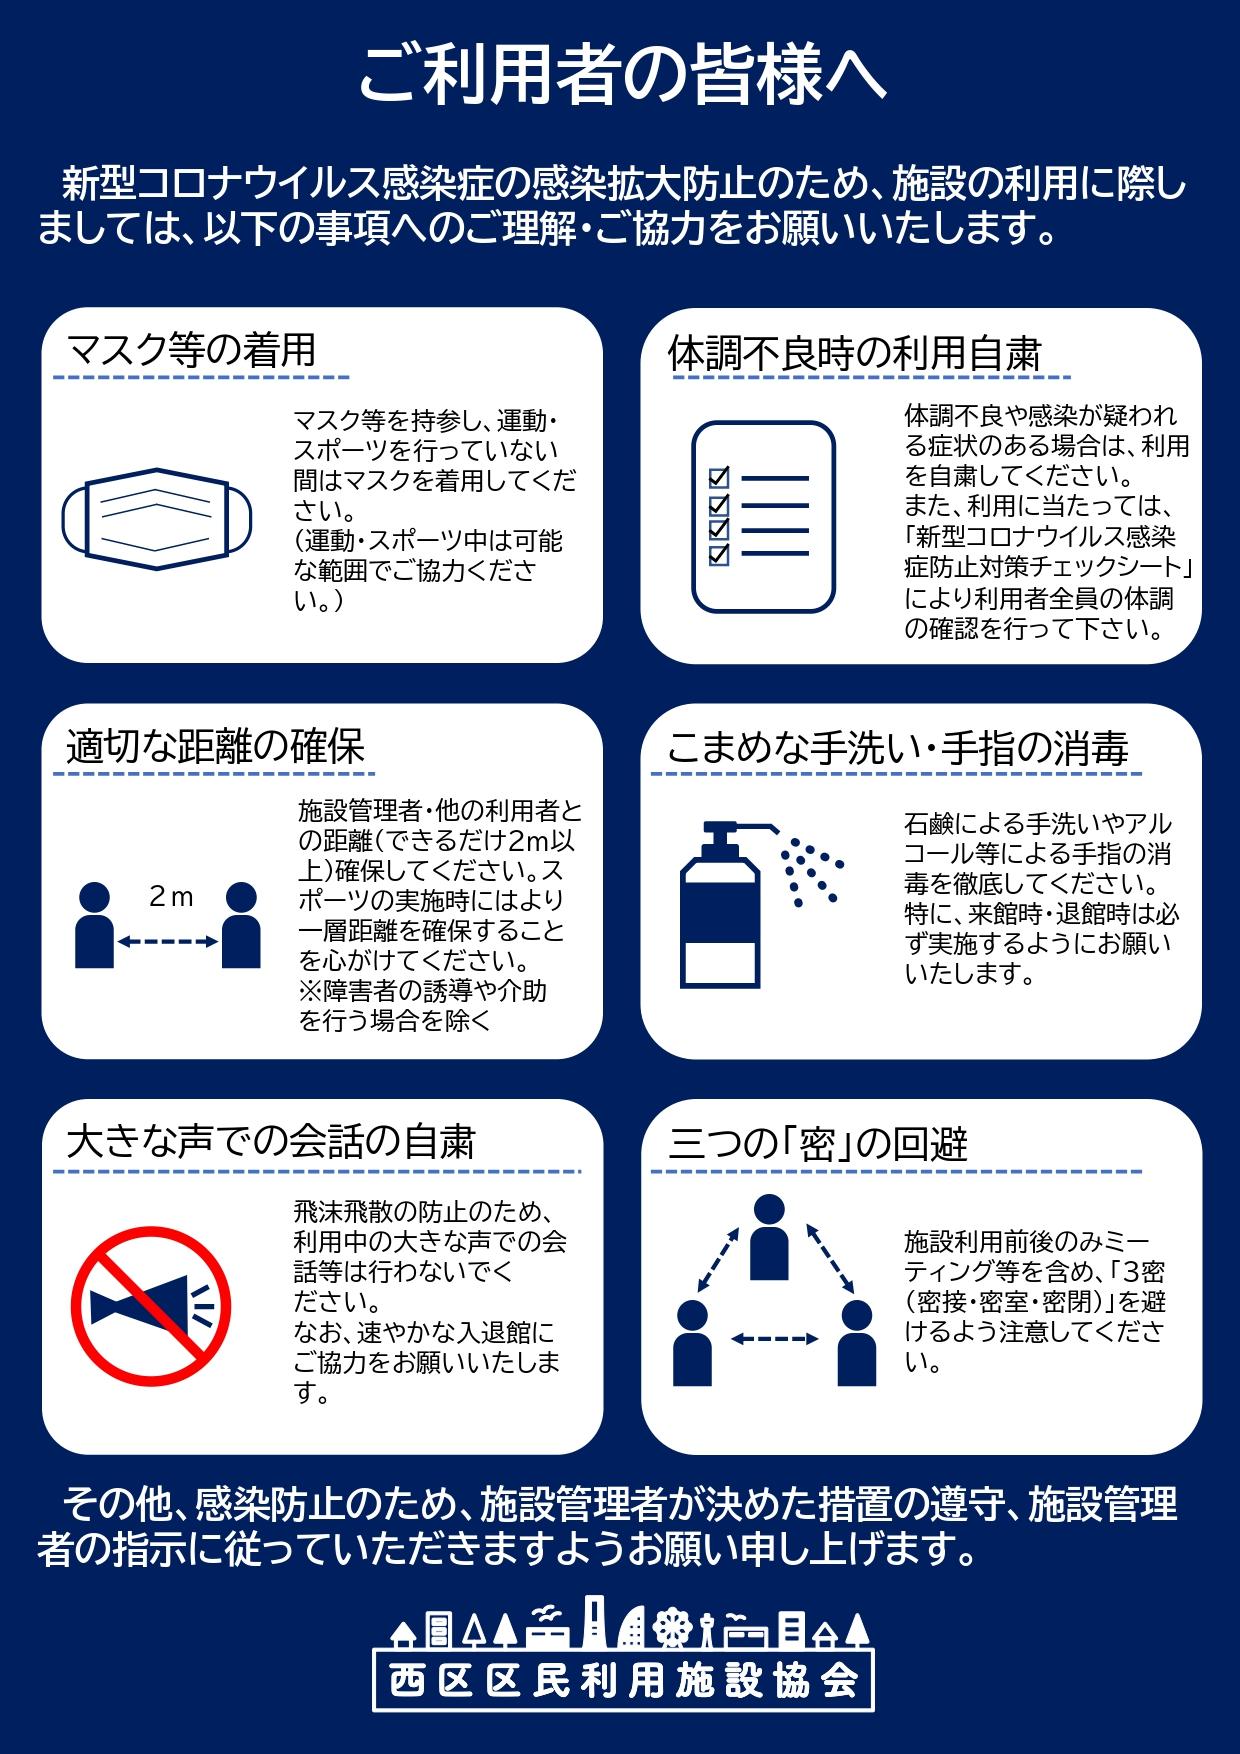 利用上の注意事項のイラスト